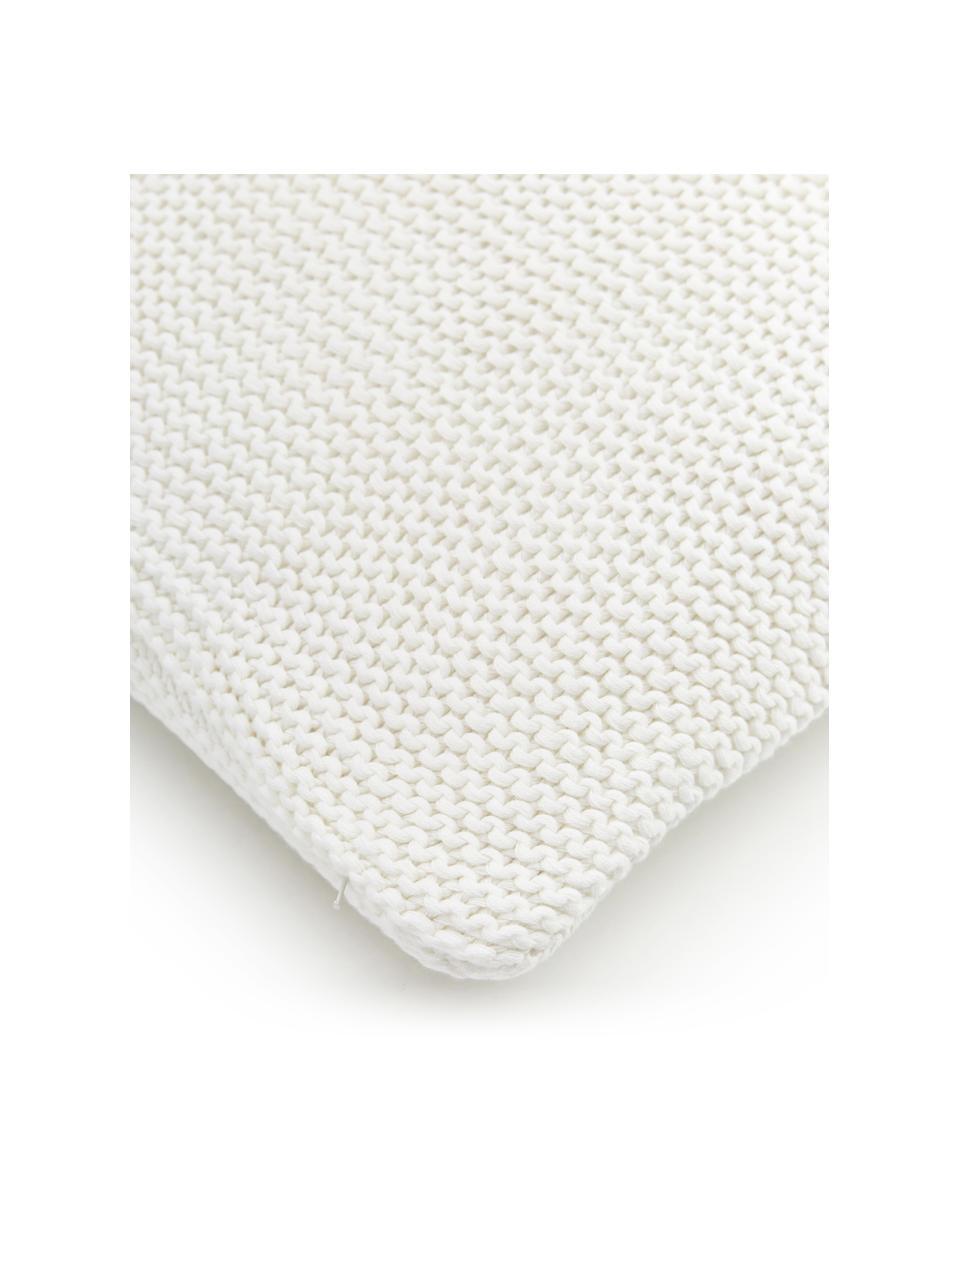 Strick-Kissenhülle Adalyn aus Bio-Baumwolle in Naturweiß, 100% Bio-Baumwolle, GOTS-zertifiziert, Naturweiß, 40 x 60 cm